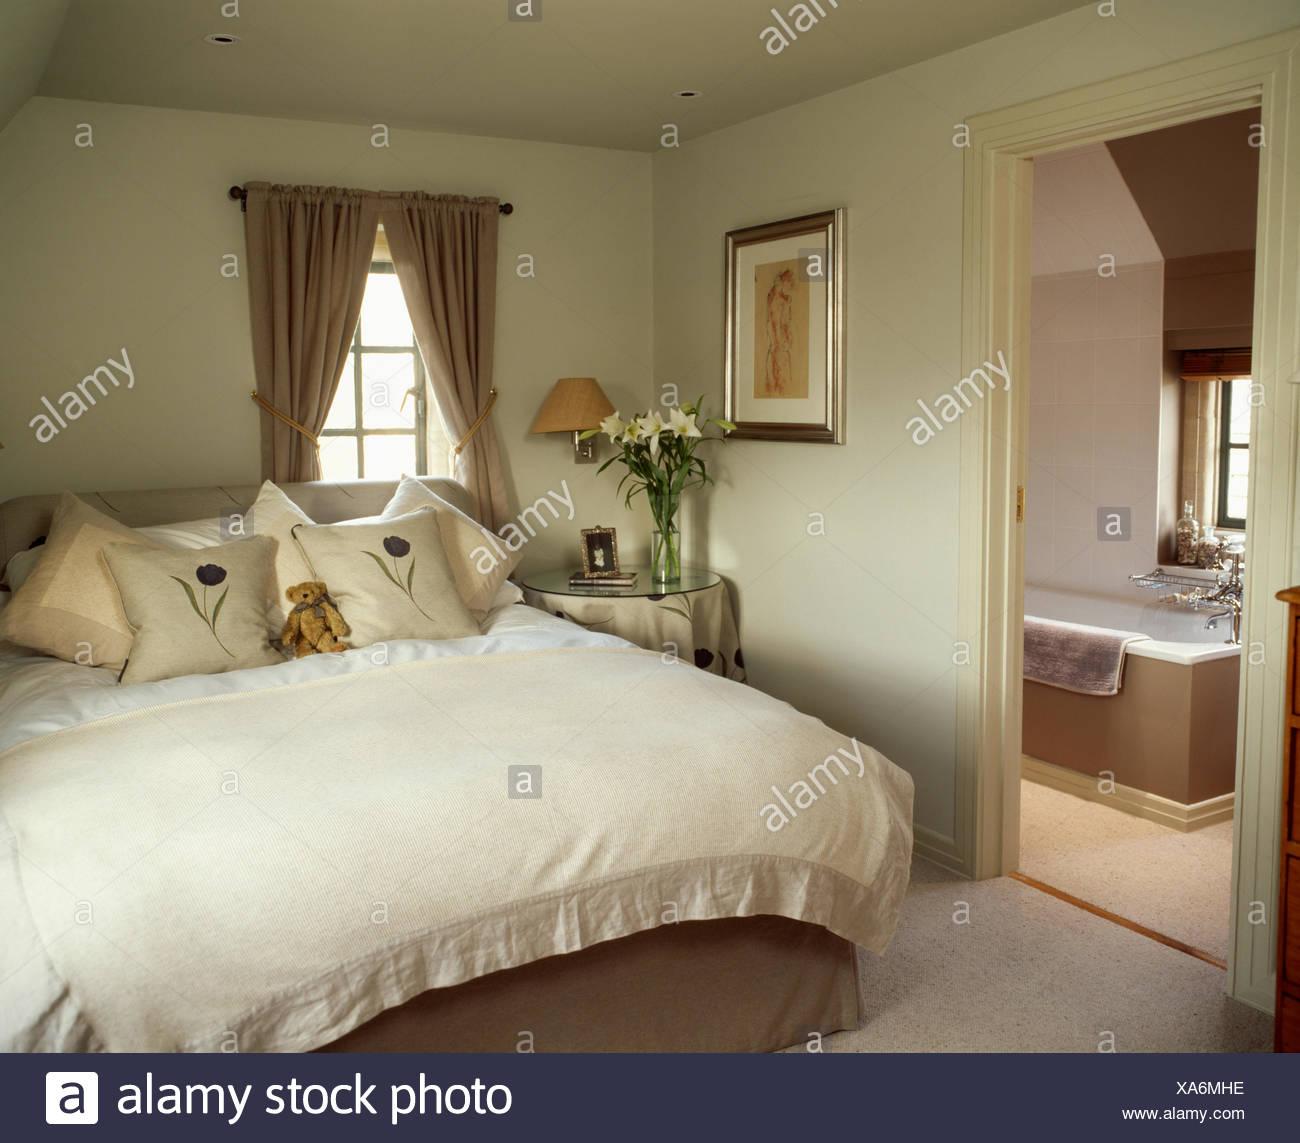 Leinen-umrandeten Creme fleece Bettdecke und cremefarbene Kissen in ...